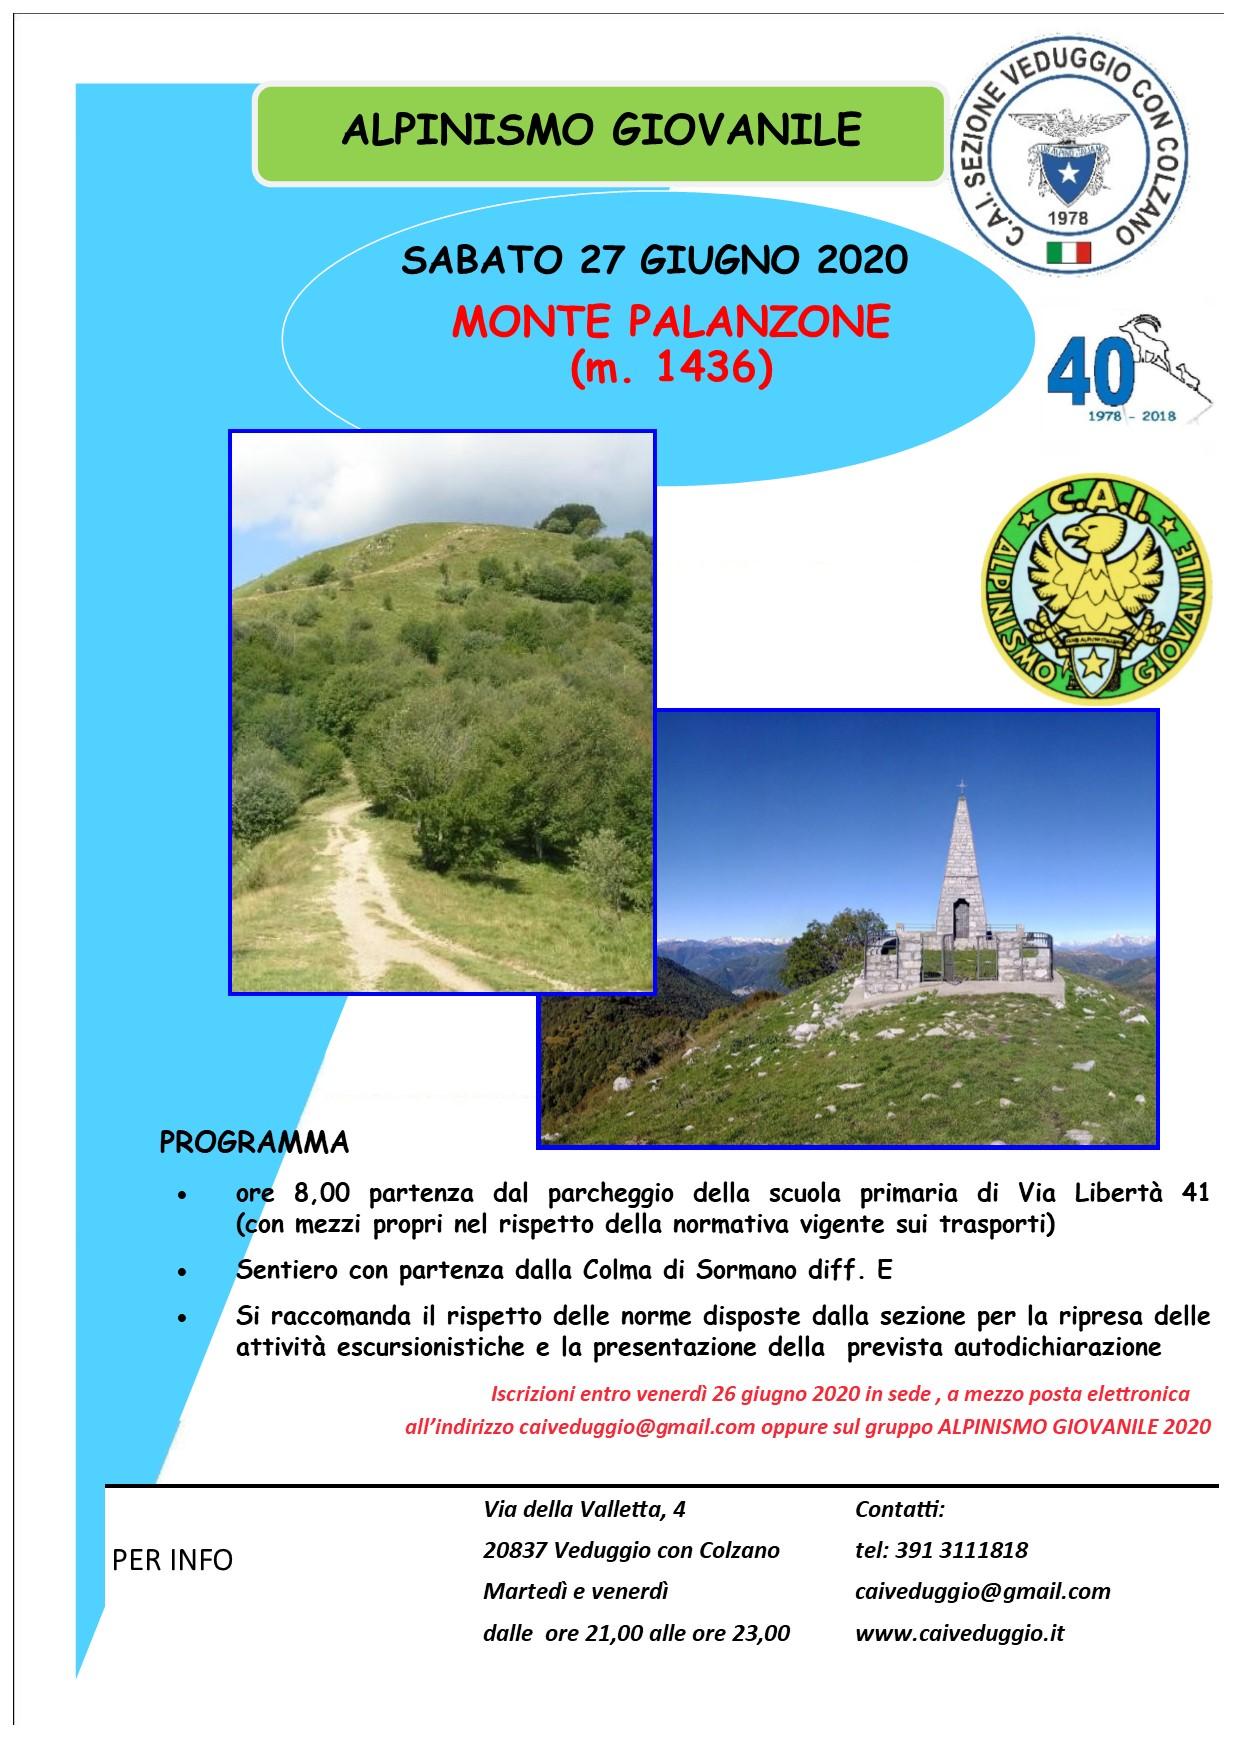 Sabato 27 giugno 2020 – Alpinismo Giovanile – Escursione al Monte Palanzone